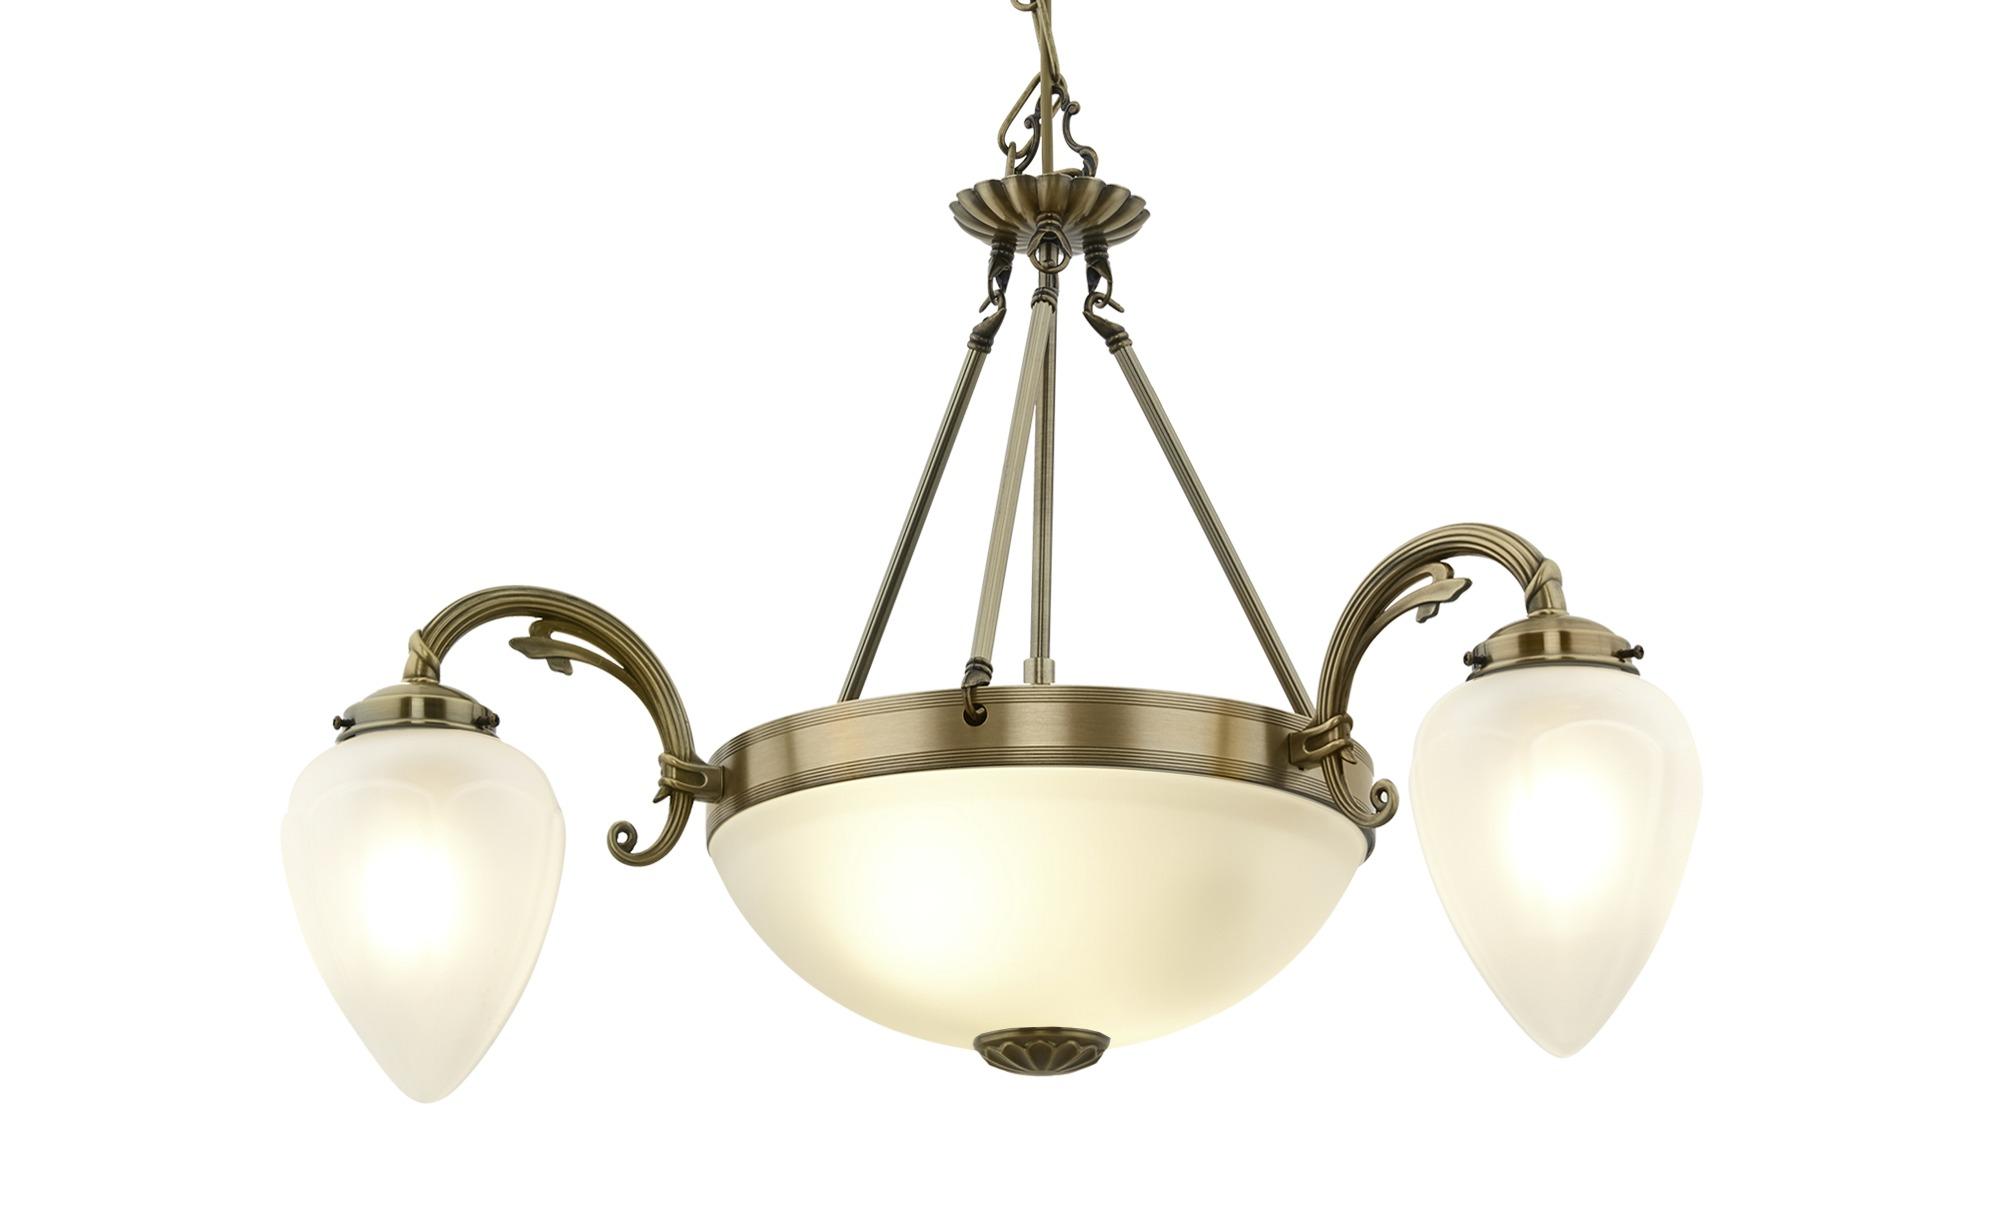 KHG Kronleuchter ¦ gold ¦ Maße (cm): H: 146 Ø: [56.0] Lampen & Leuchten > Innenleuchten > Kronleuchter - Höffner